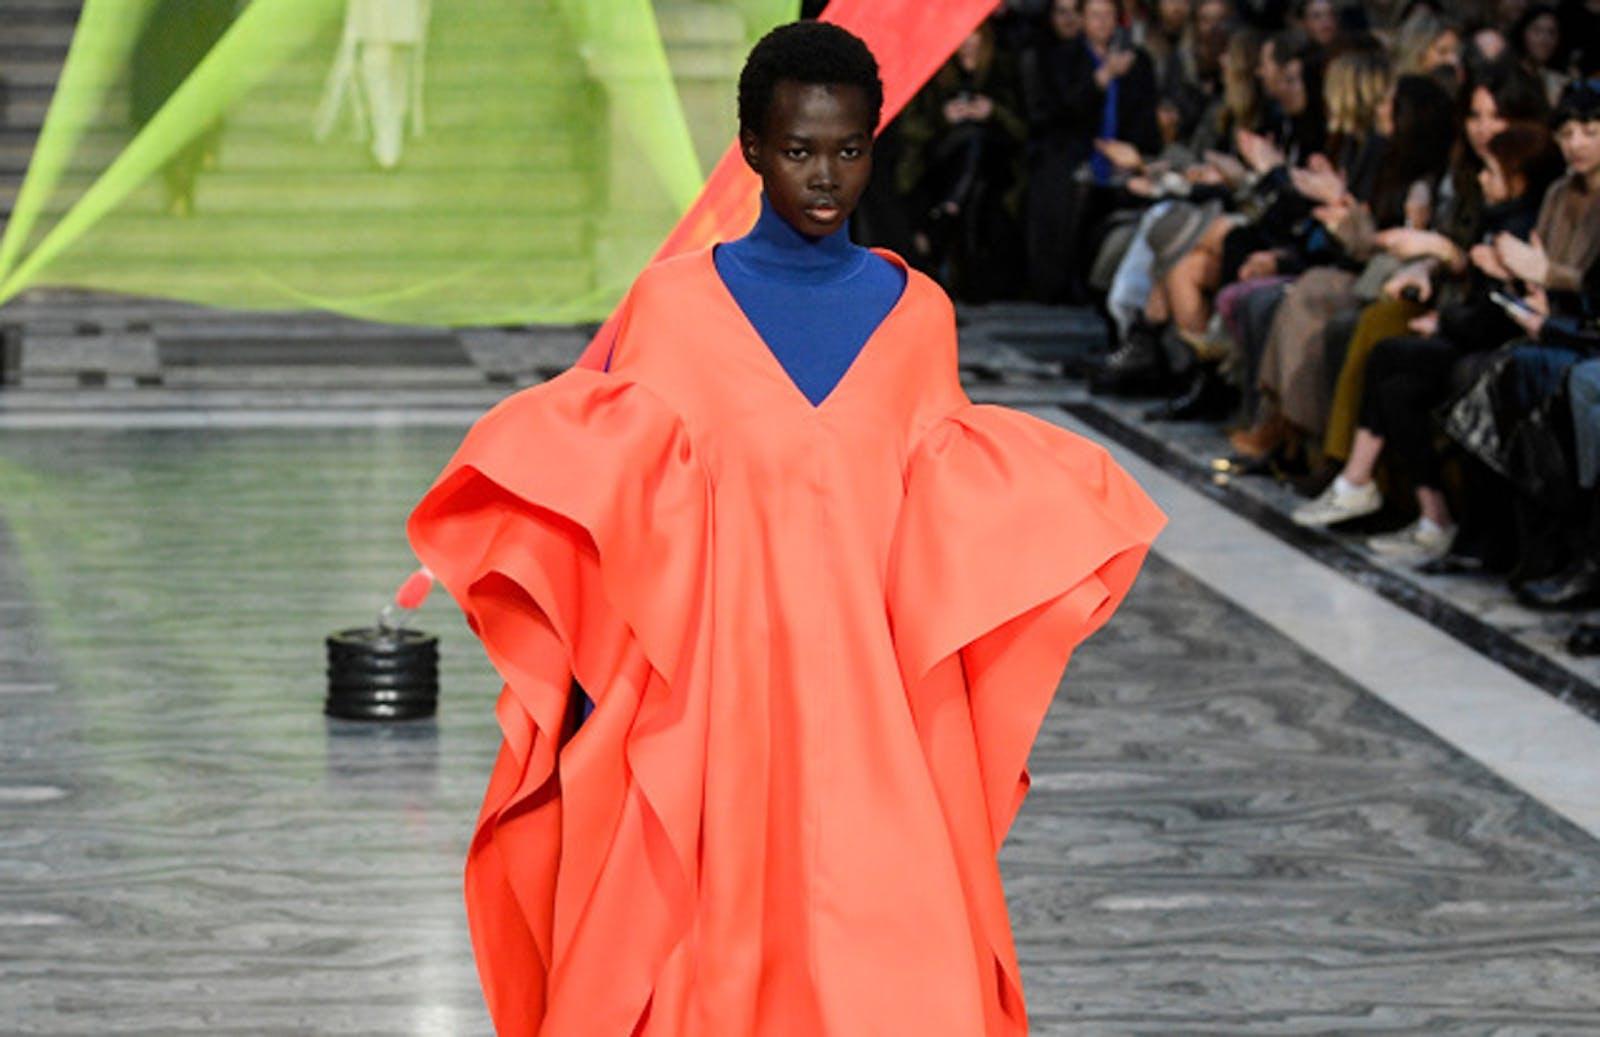 Fashion week shot of woman wearing bright orange dress